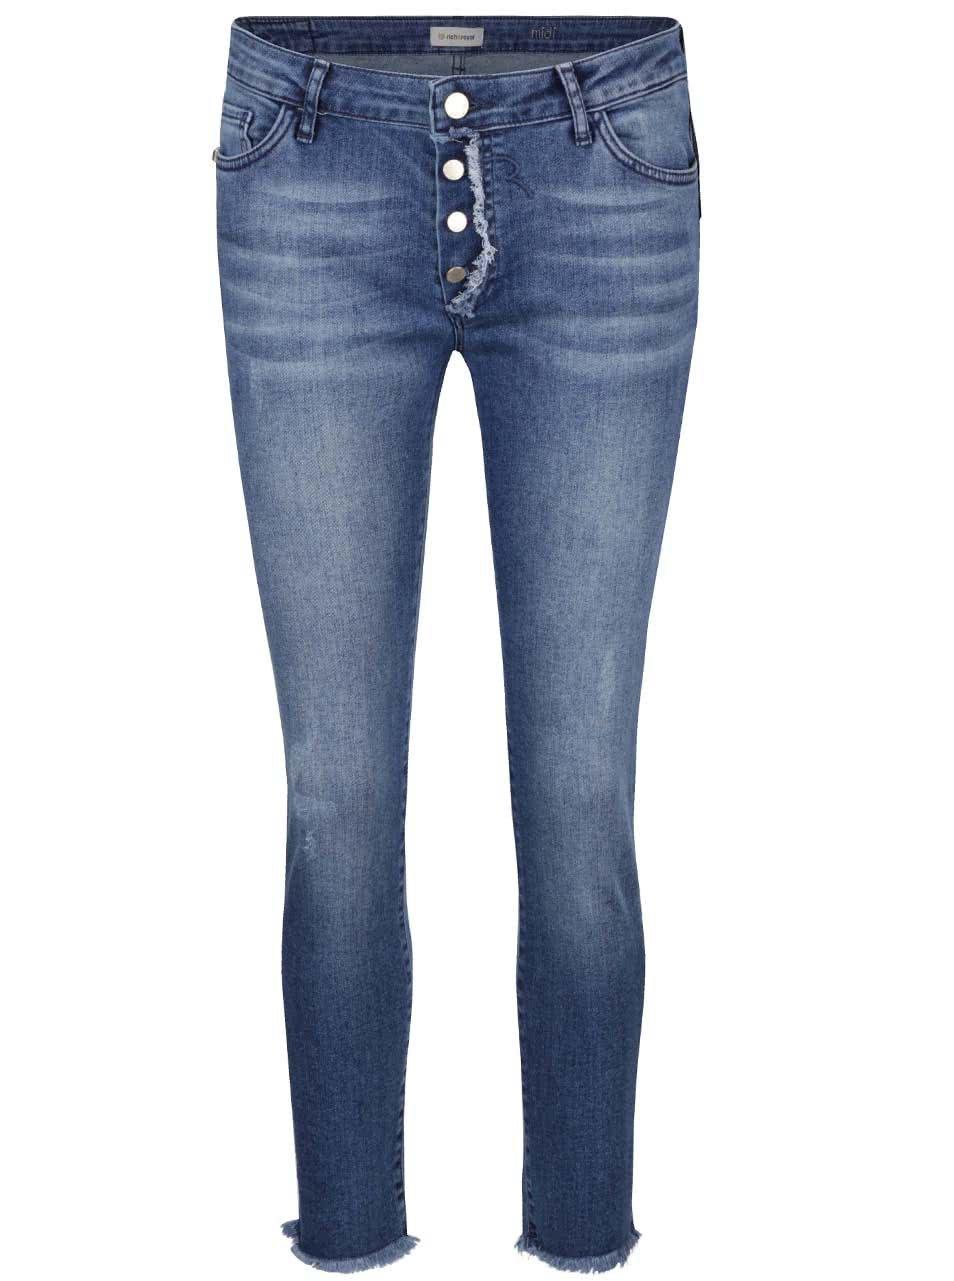 Modré džíny s roztřepenými detaily Rich & Royal